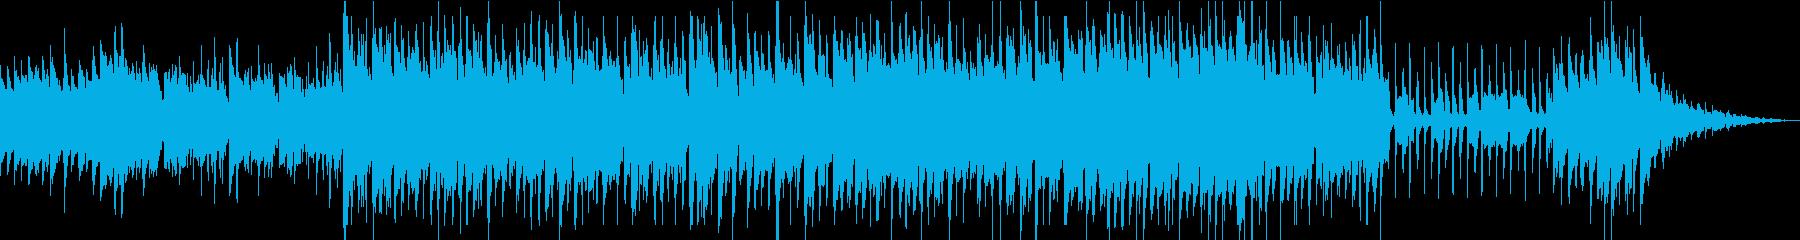 「スワンプピープル」ケイジャン風ま...の再生済みの波形